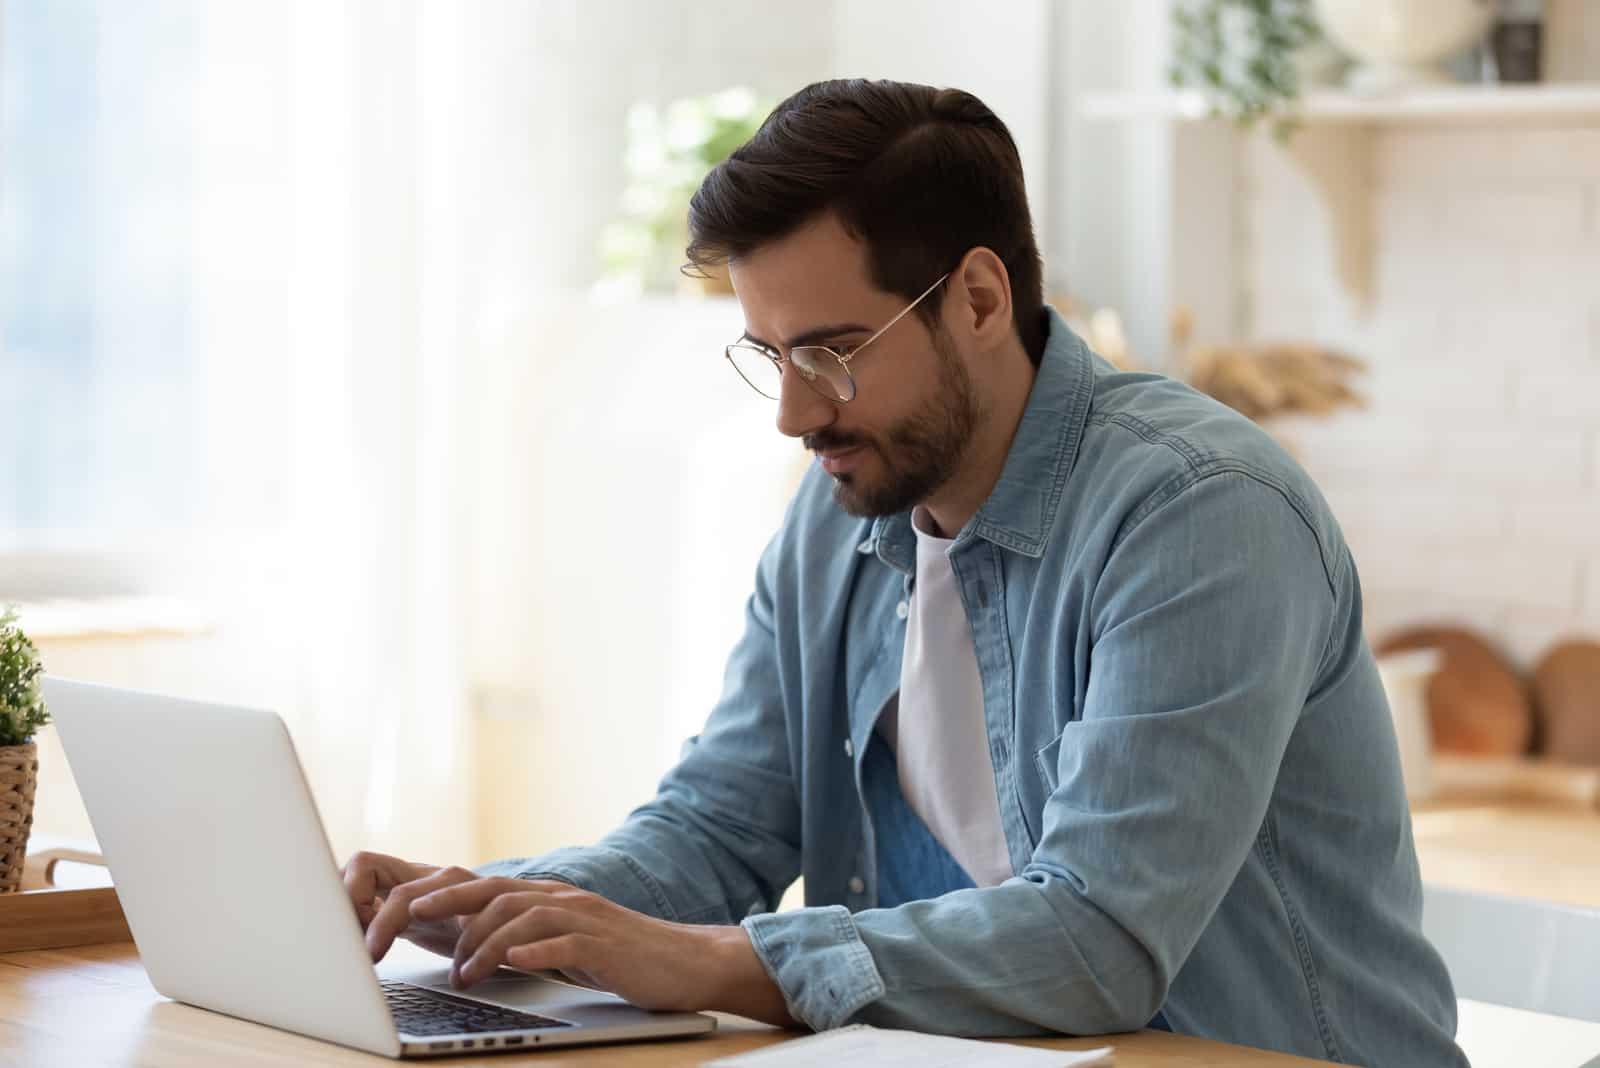 Manntaste am Laptop